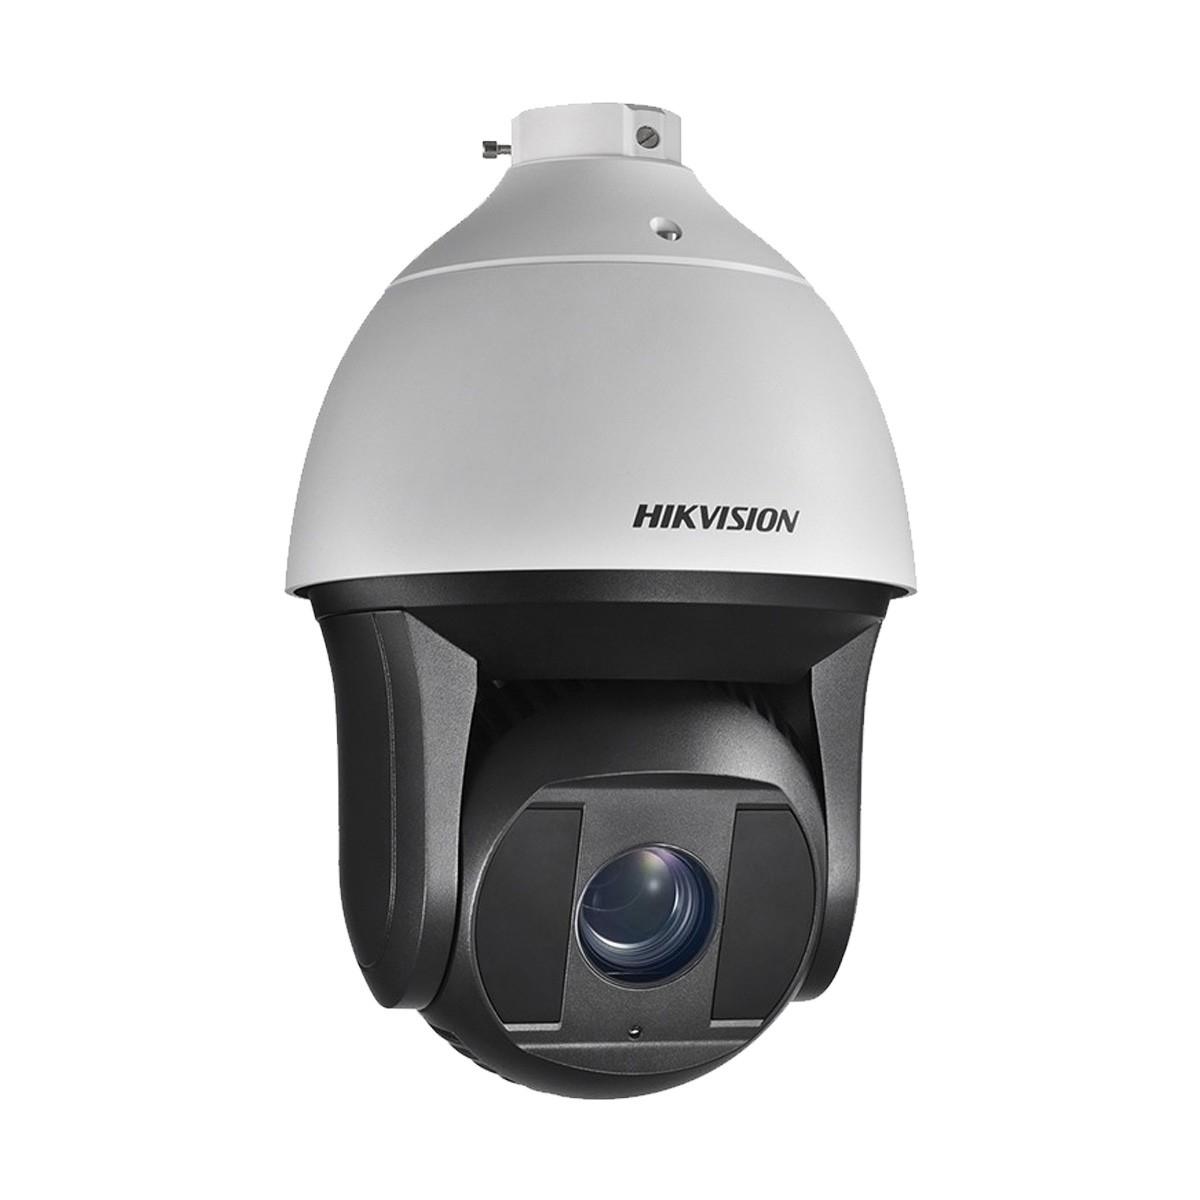 Εικόνα της DS-2DE5225IW-AE  PTZ 2MP 4.8 mm to 120 mm 4inch indoor Optical zoom hikvision